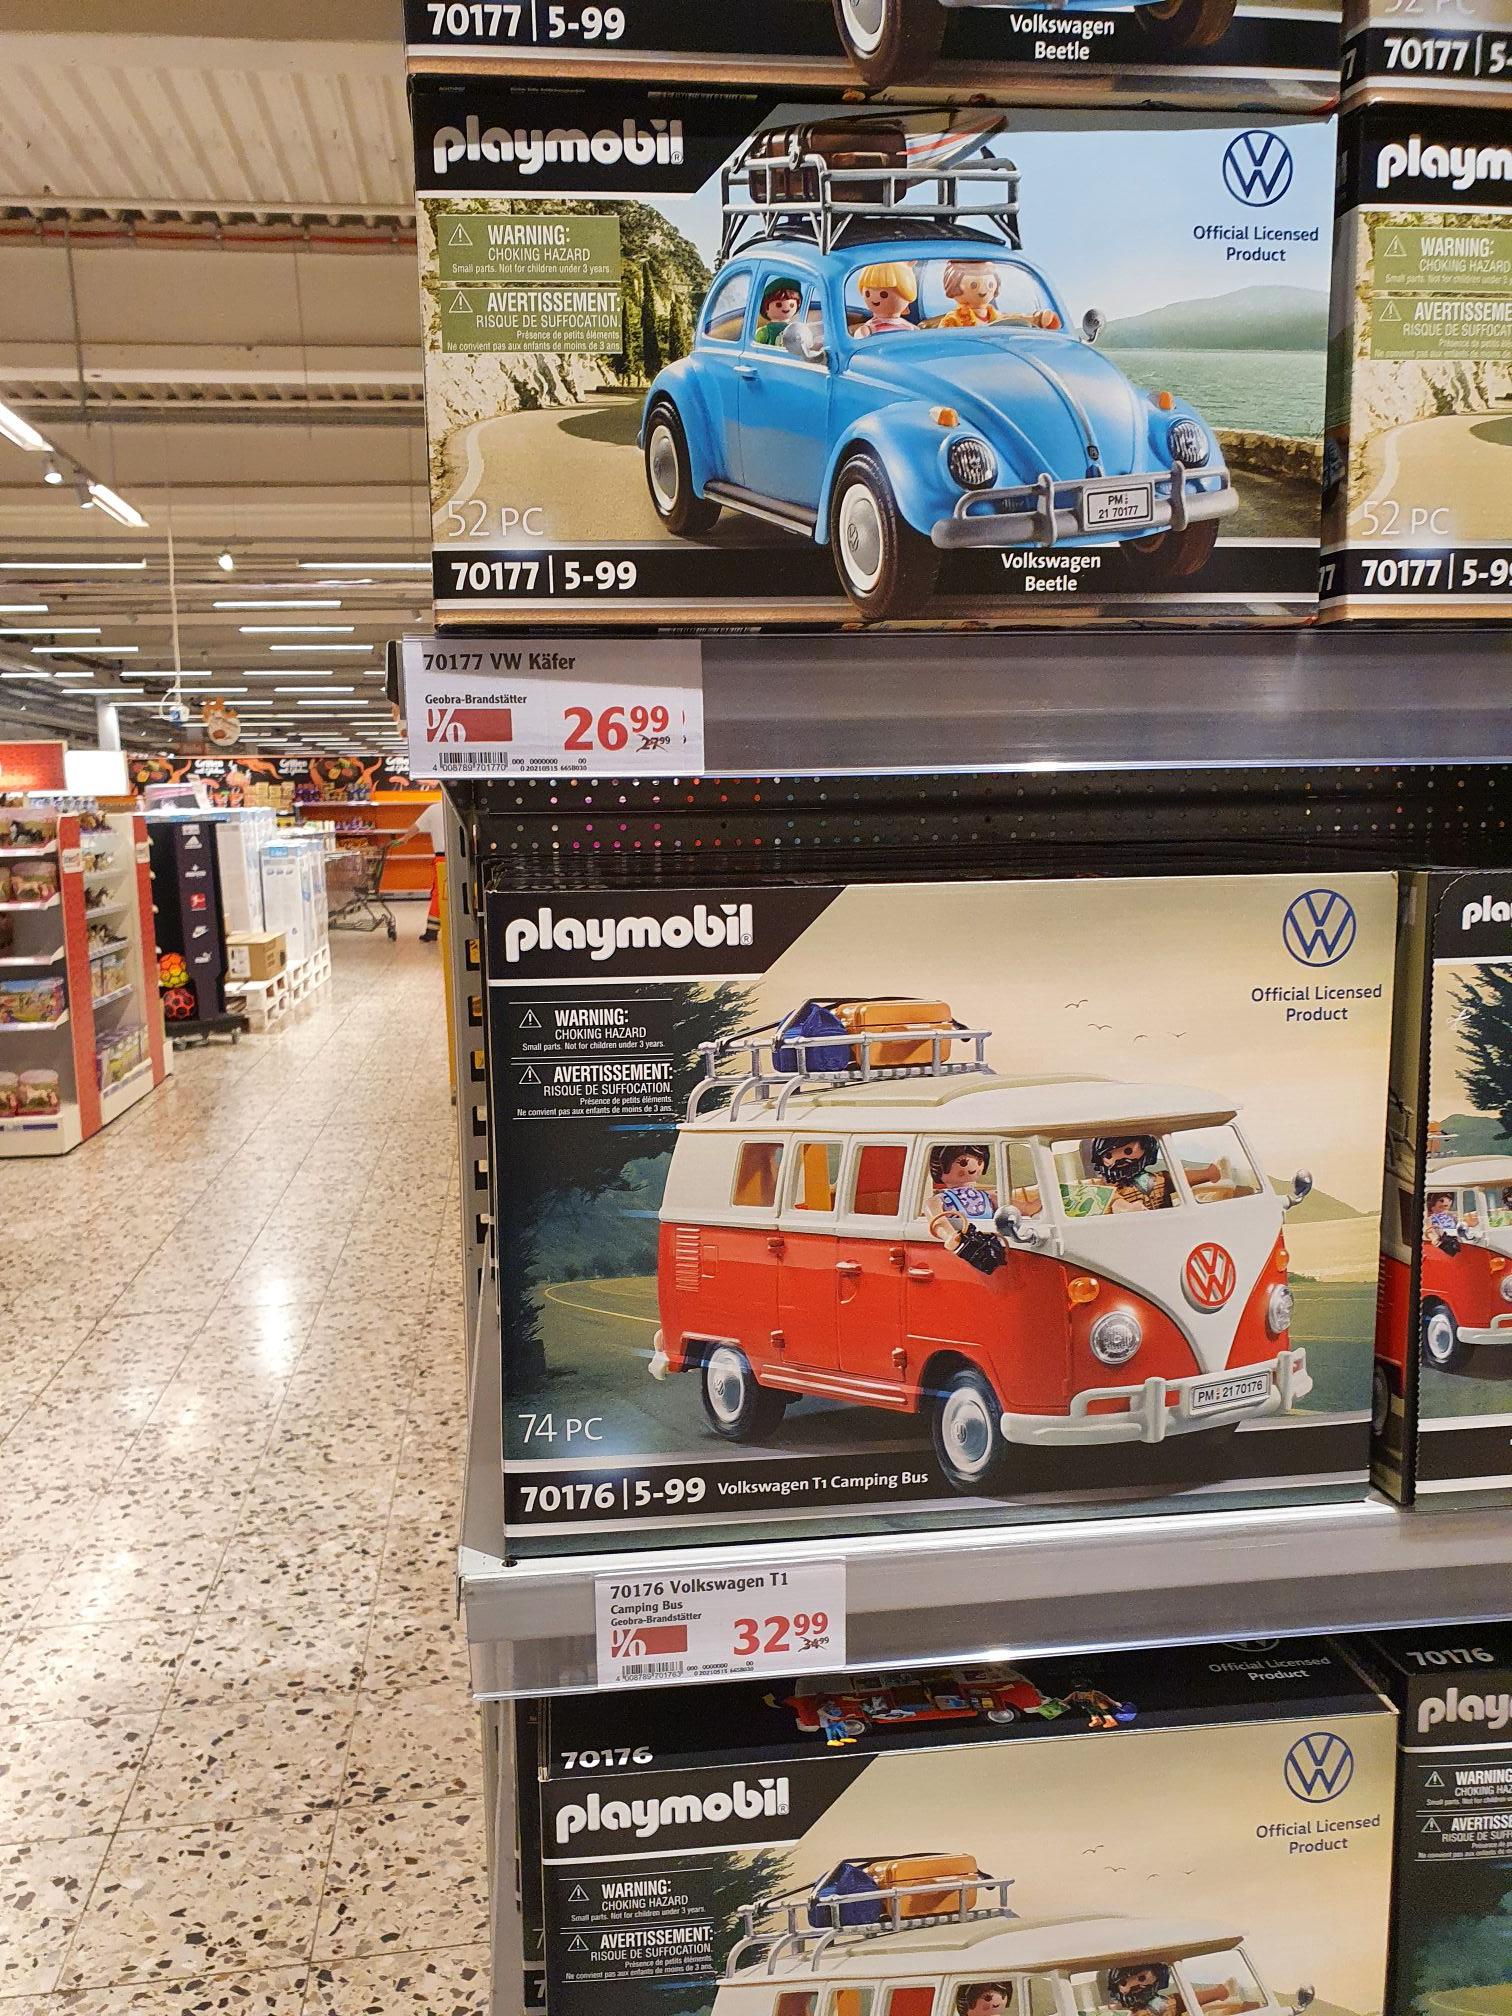 (Globus Hockenheim) Playmbobil 70177 (VW Käfer) 26.99 und 70167 (VW Bus) 32.99